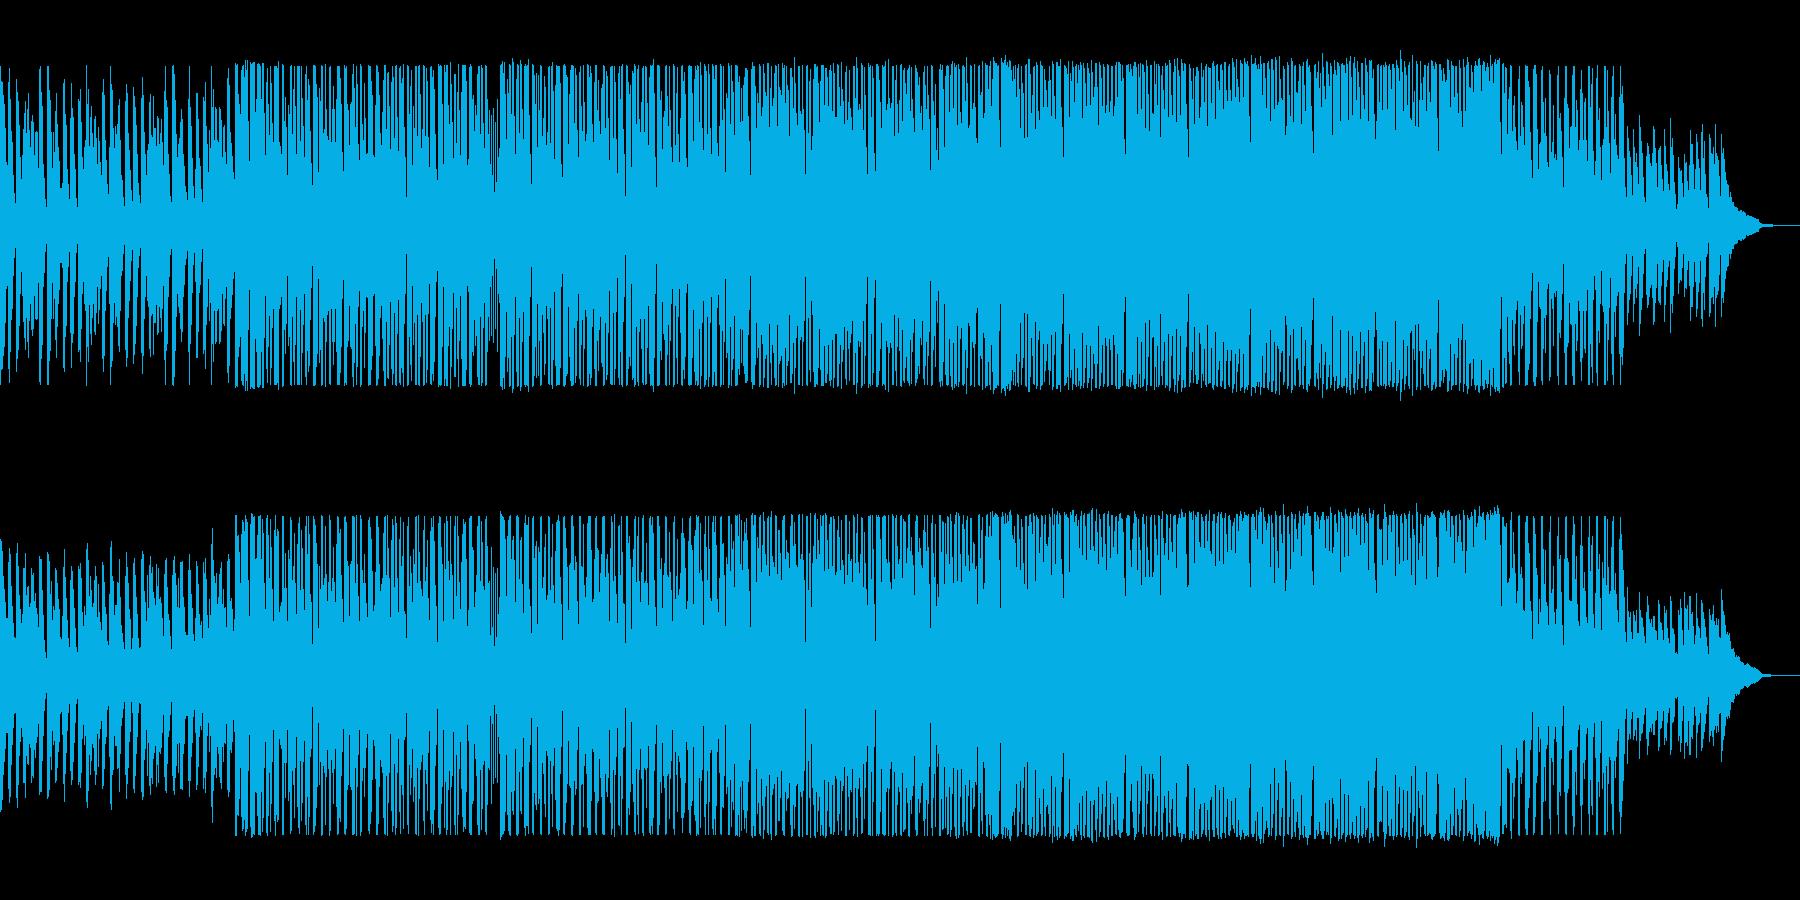 煌くような軽快で明るいピアノとシンセの曲の再生済みの波形